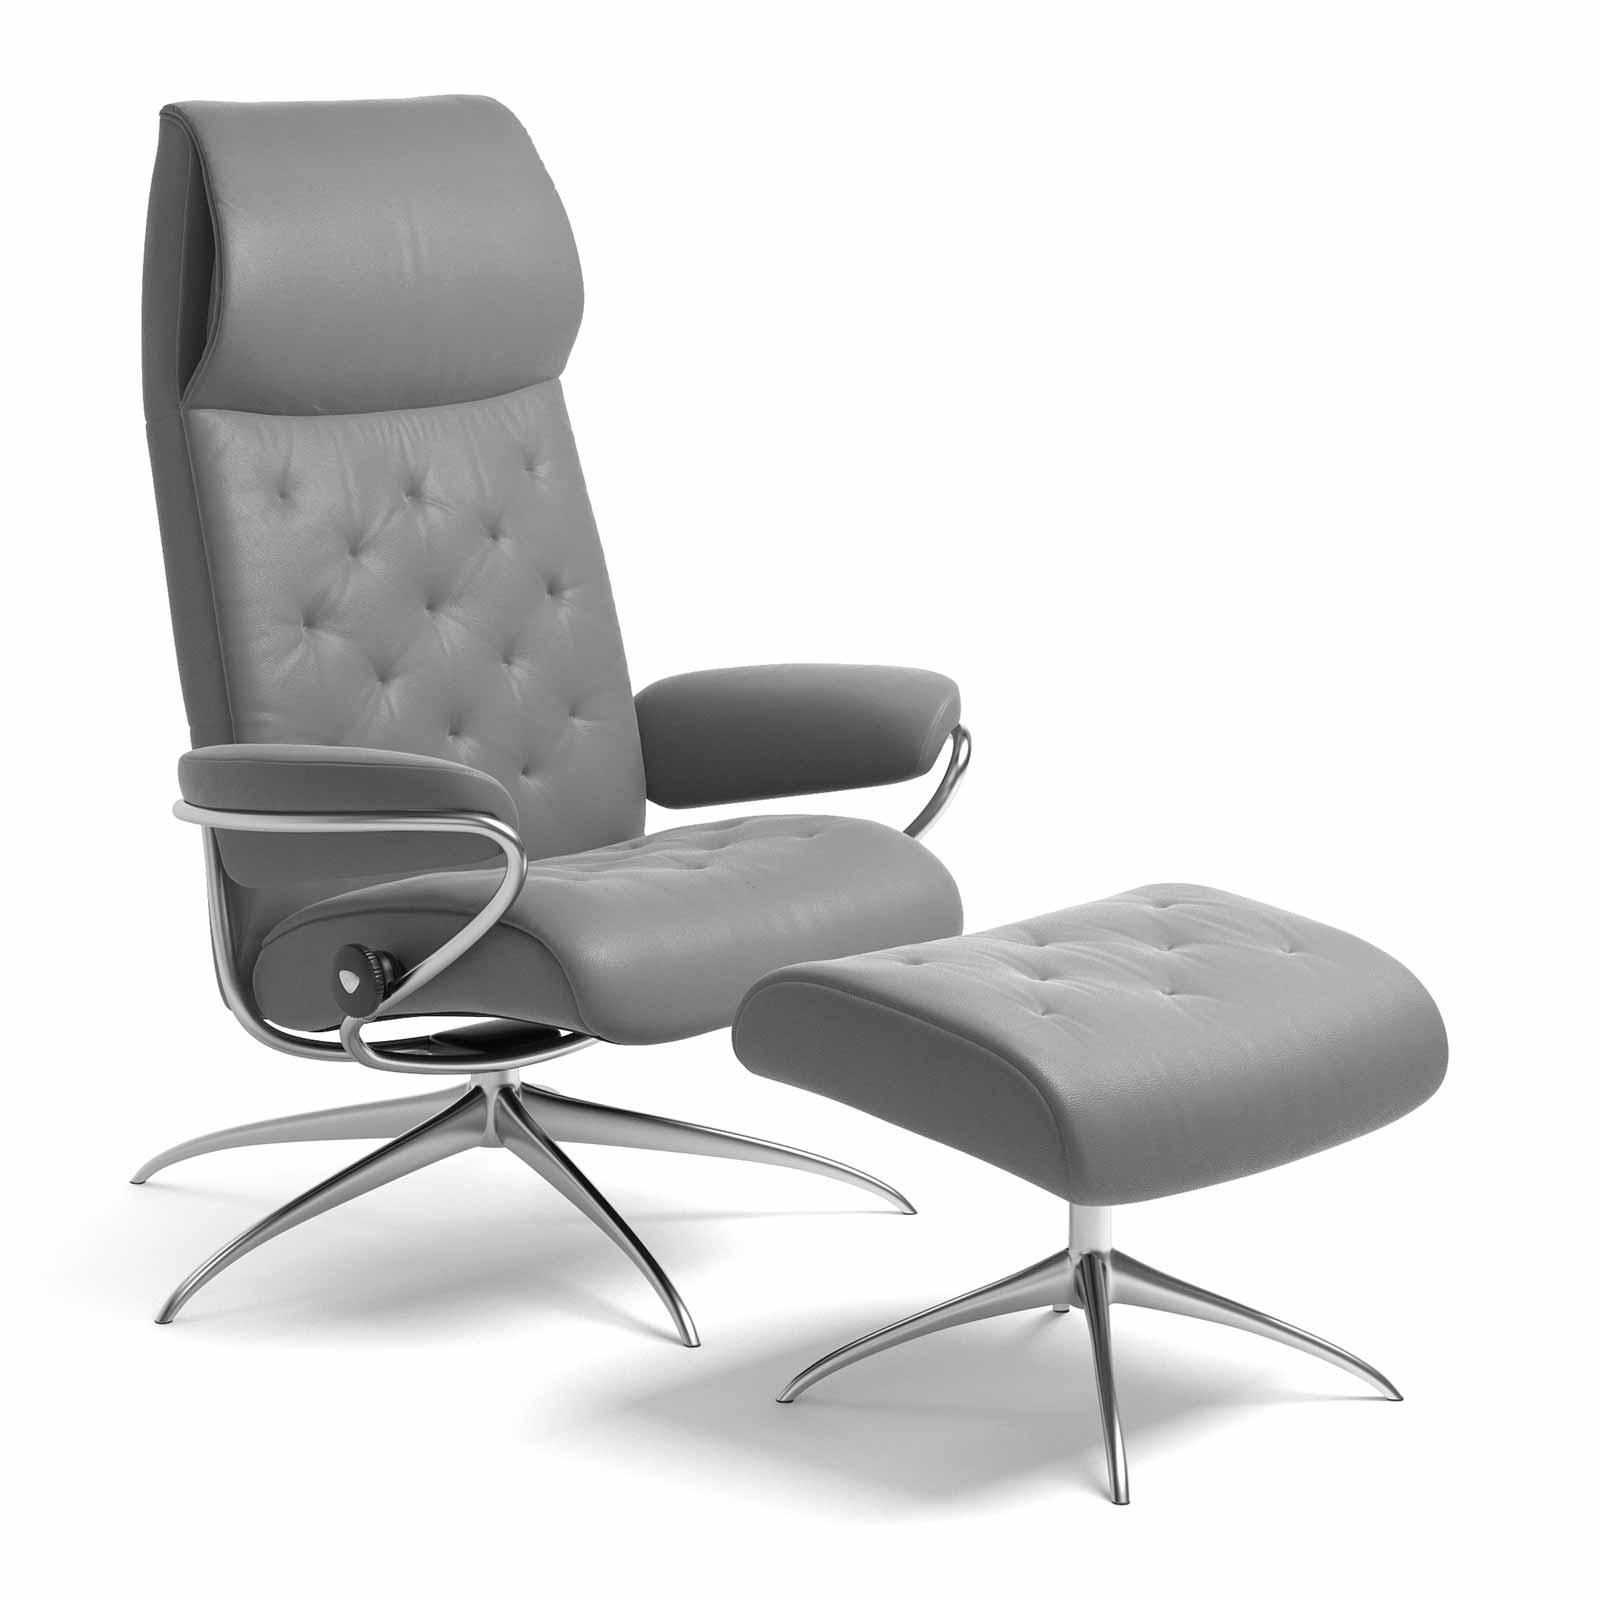 stressless sessel metro high back. Black Bedroom Furniture Sets. Home Design Ideas